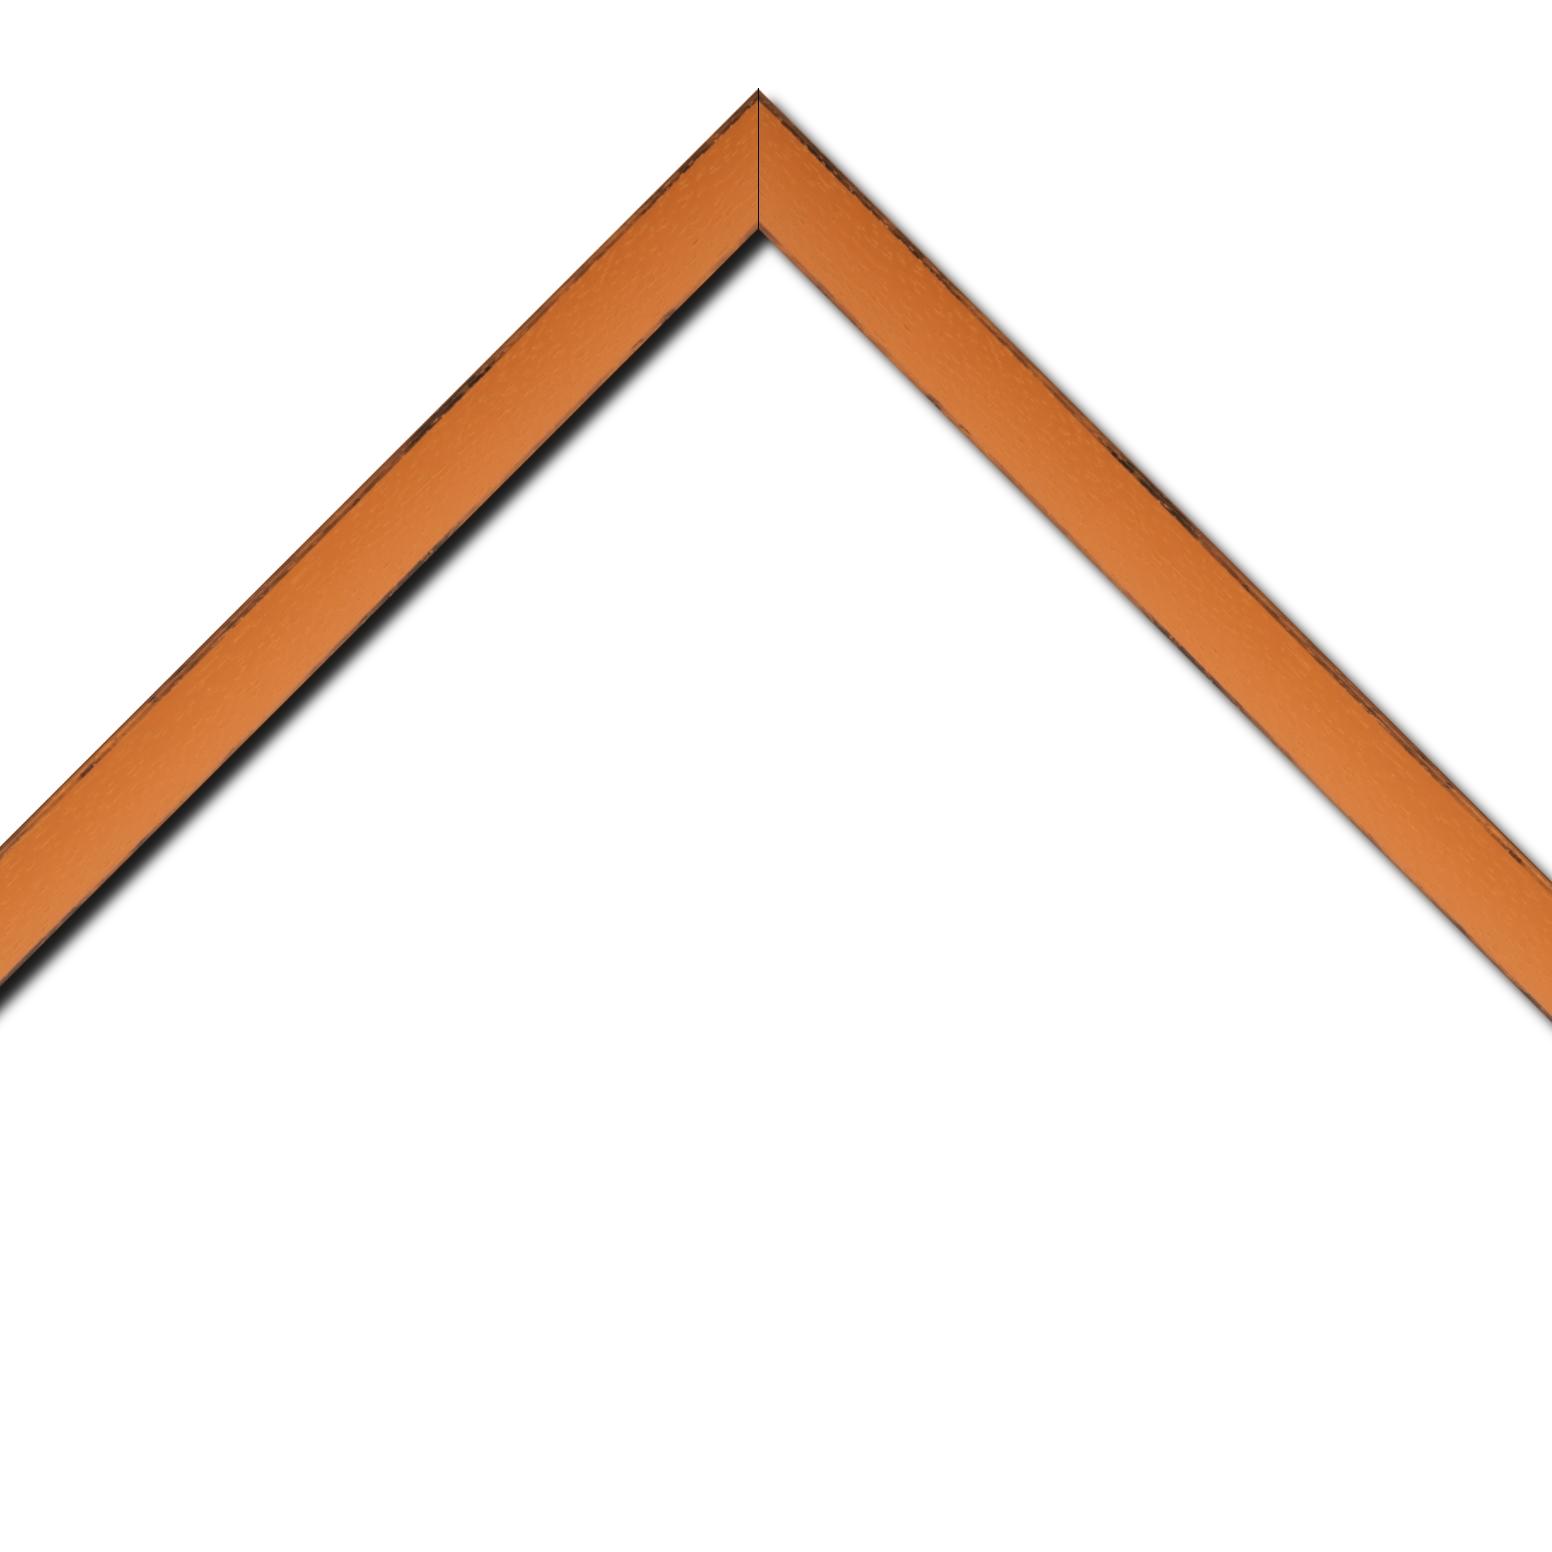 Baguette bois profil concave largeur 2.4cm couleur orange tonique satiné arêtes essuyés noircies de chaque coté